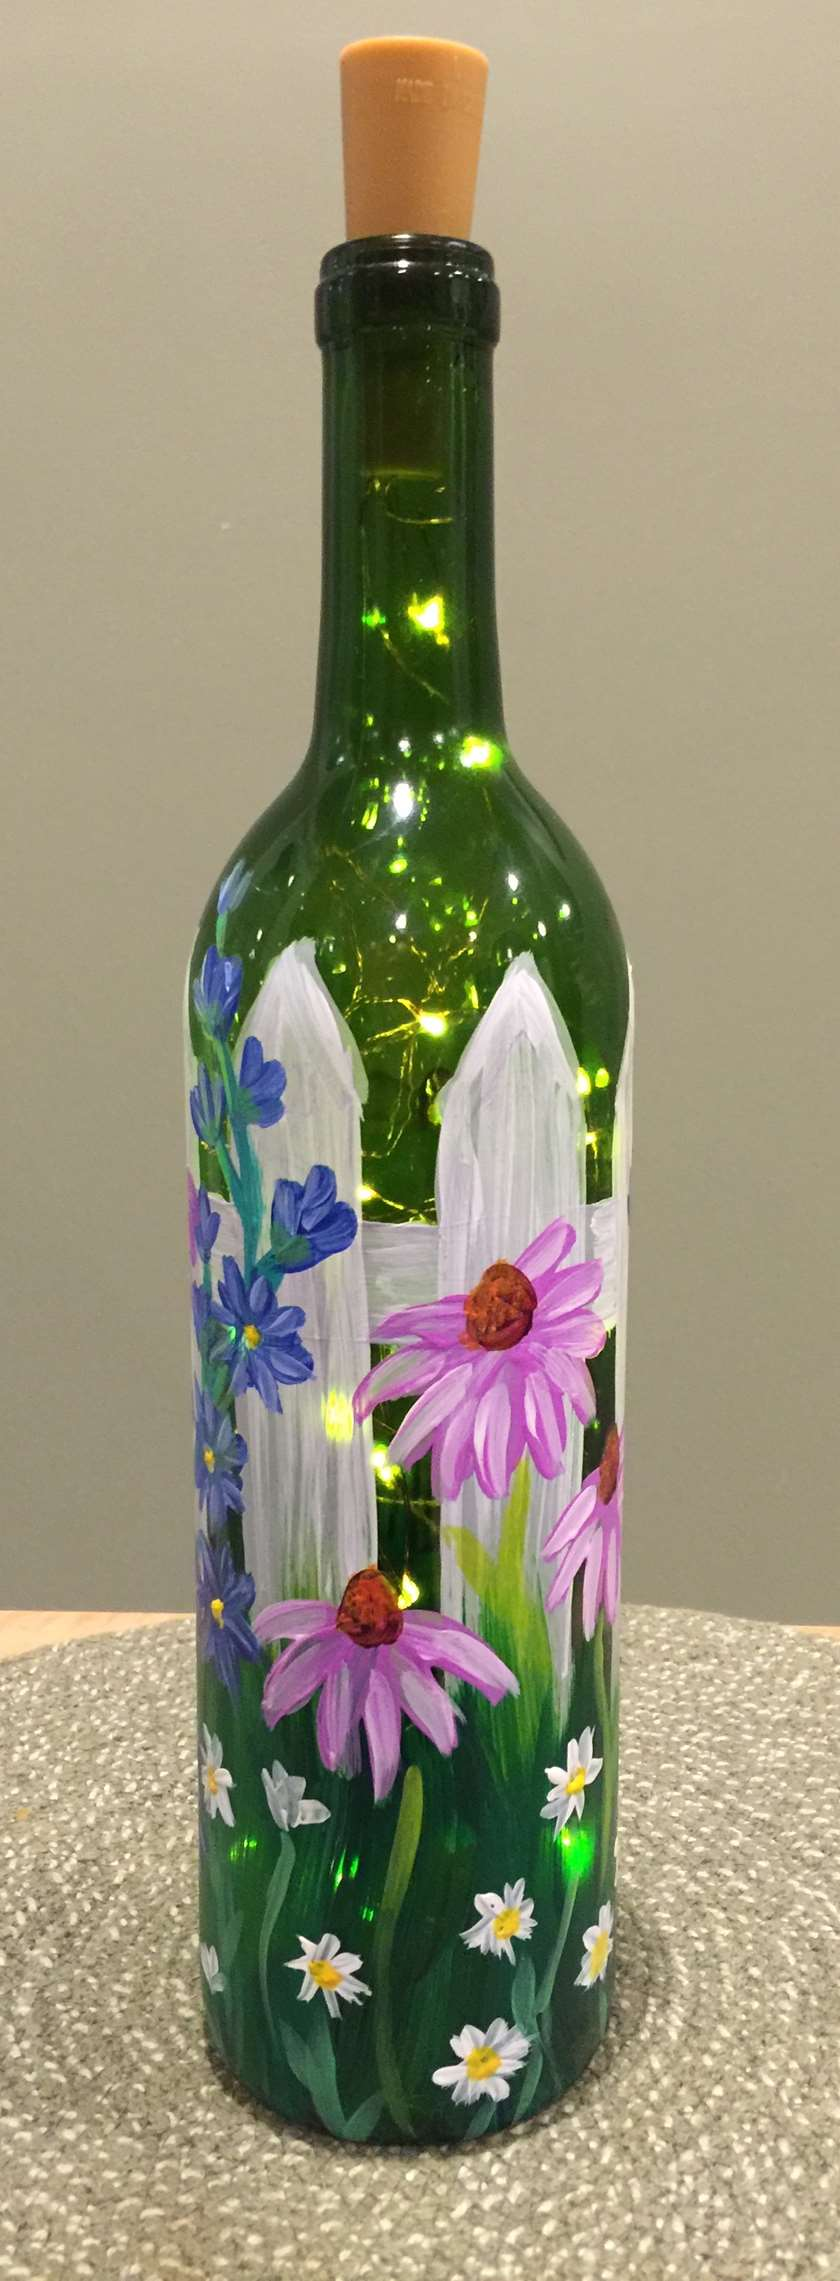 Wildflower Garden Wine Bottle